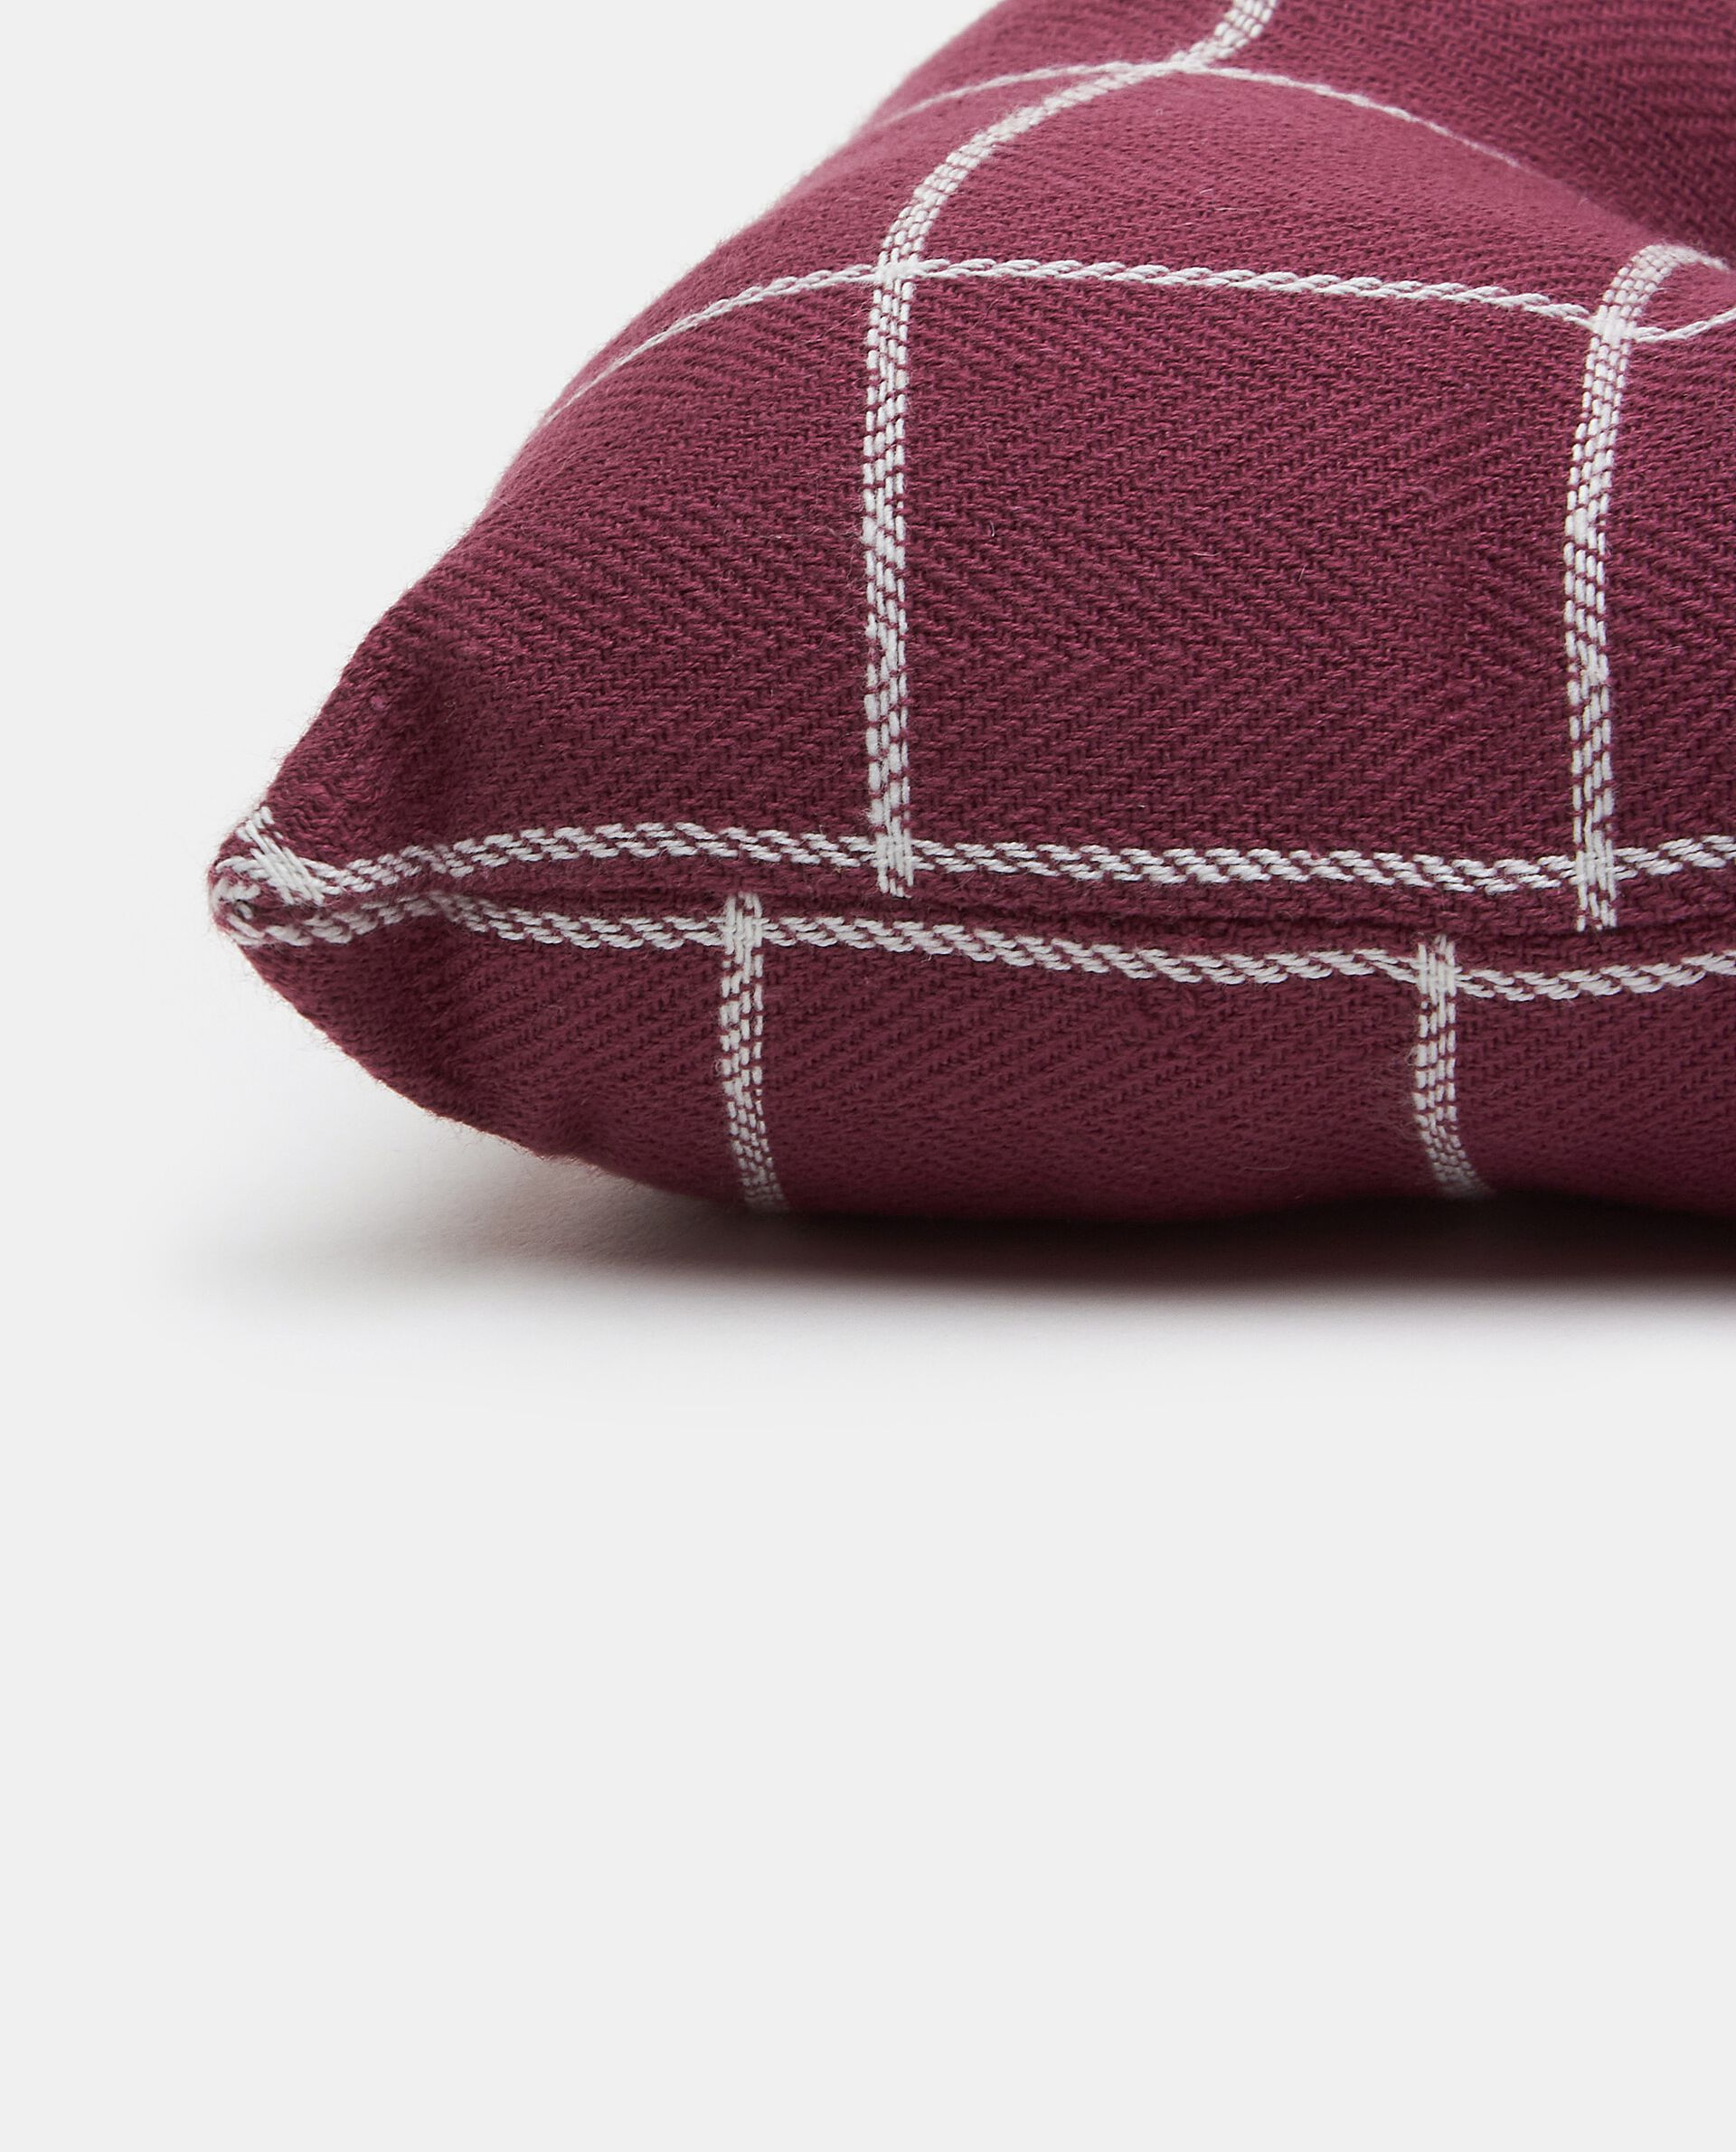 Cuscino a quadri con esterno in puro cotone